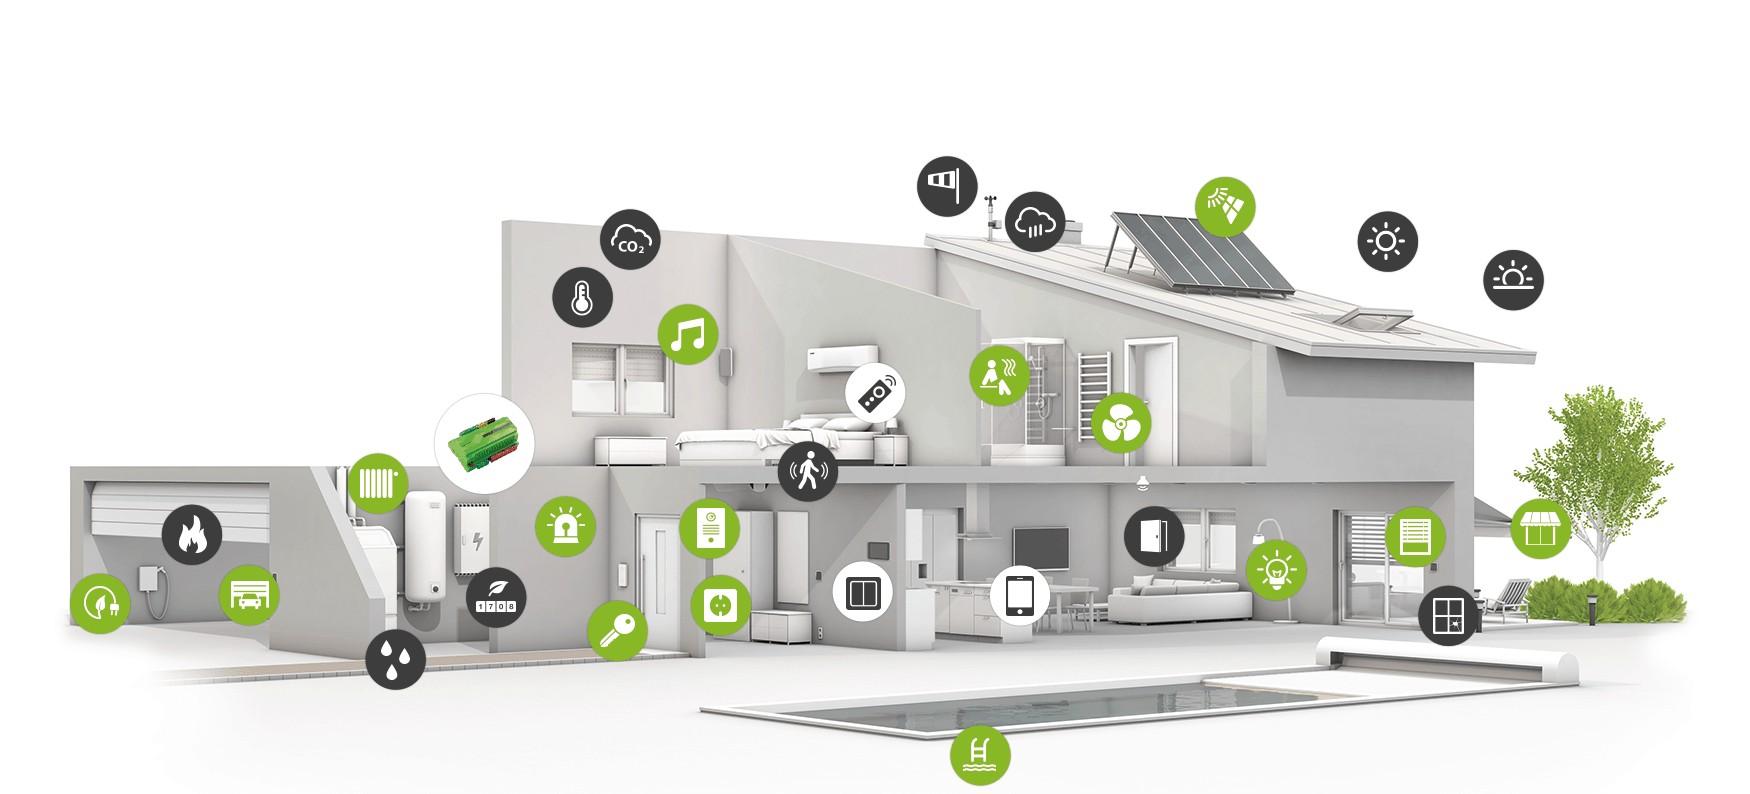 3d house icons web - Älykoti